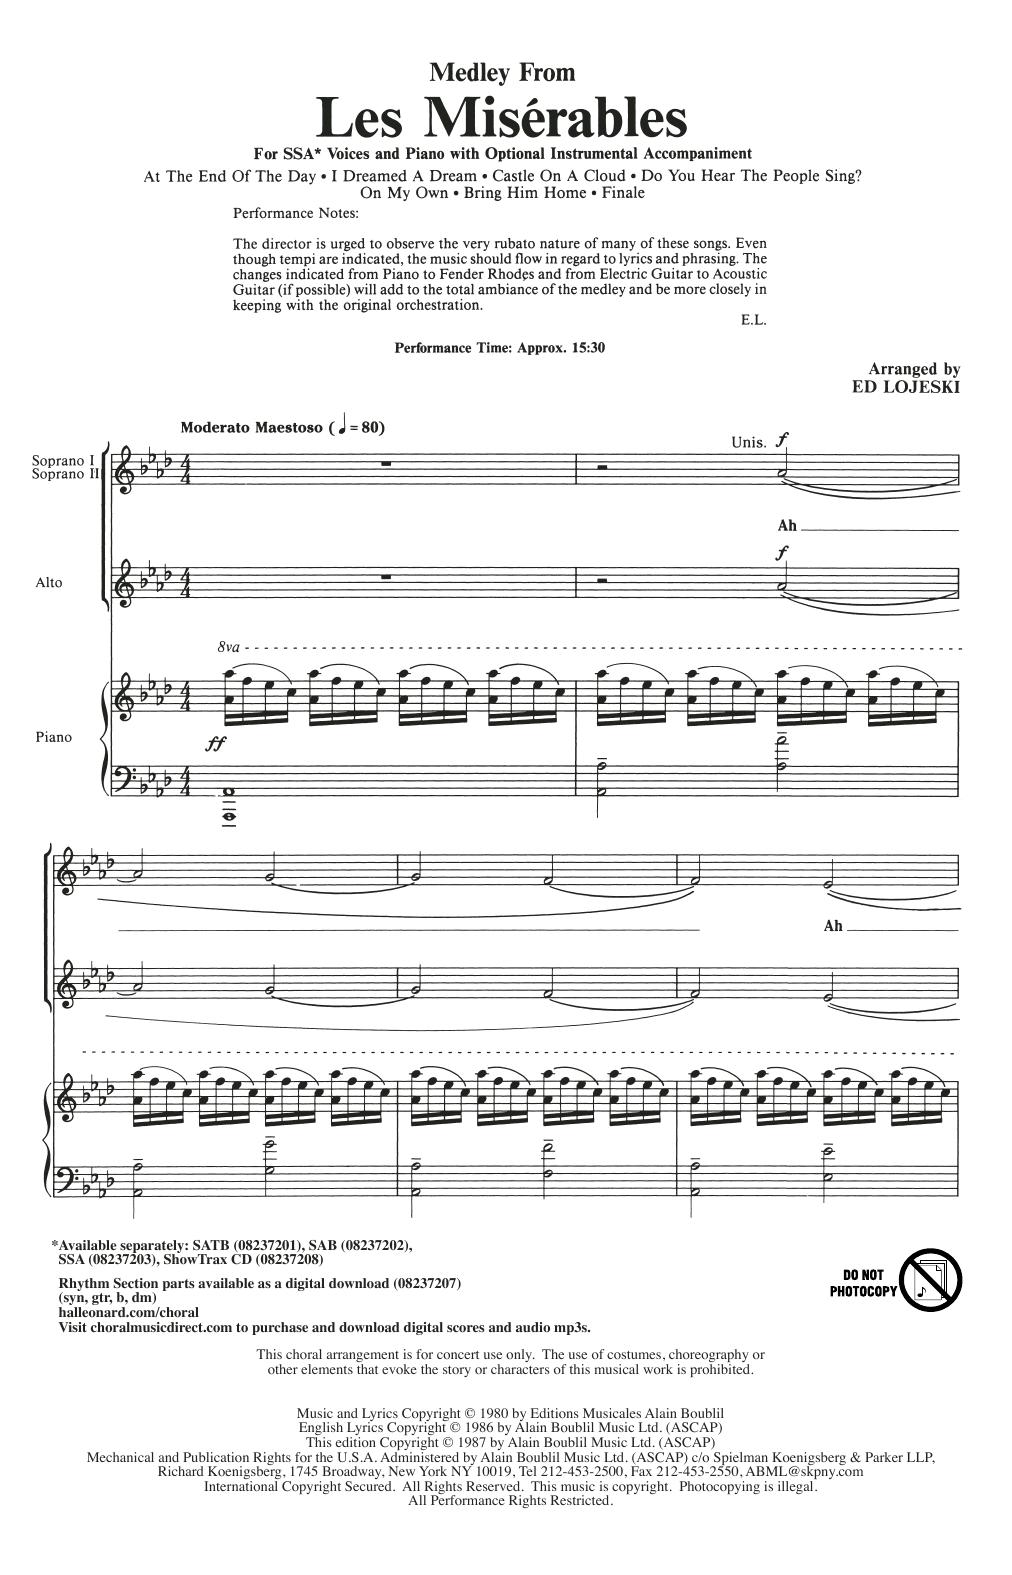 Boublil And Schonberg Les Miserables Choral Medley Arr Ed Lojeski Sheet Music Download Pdf Score 71030